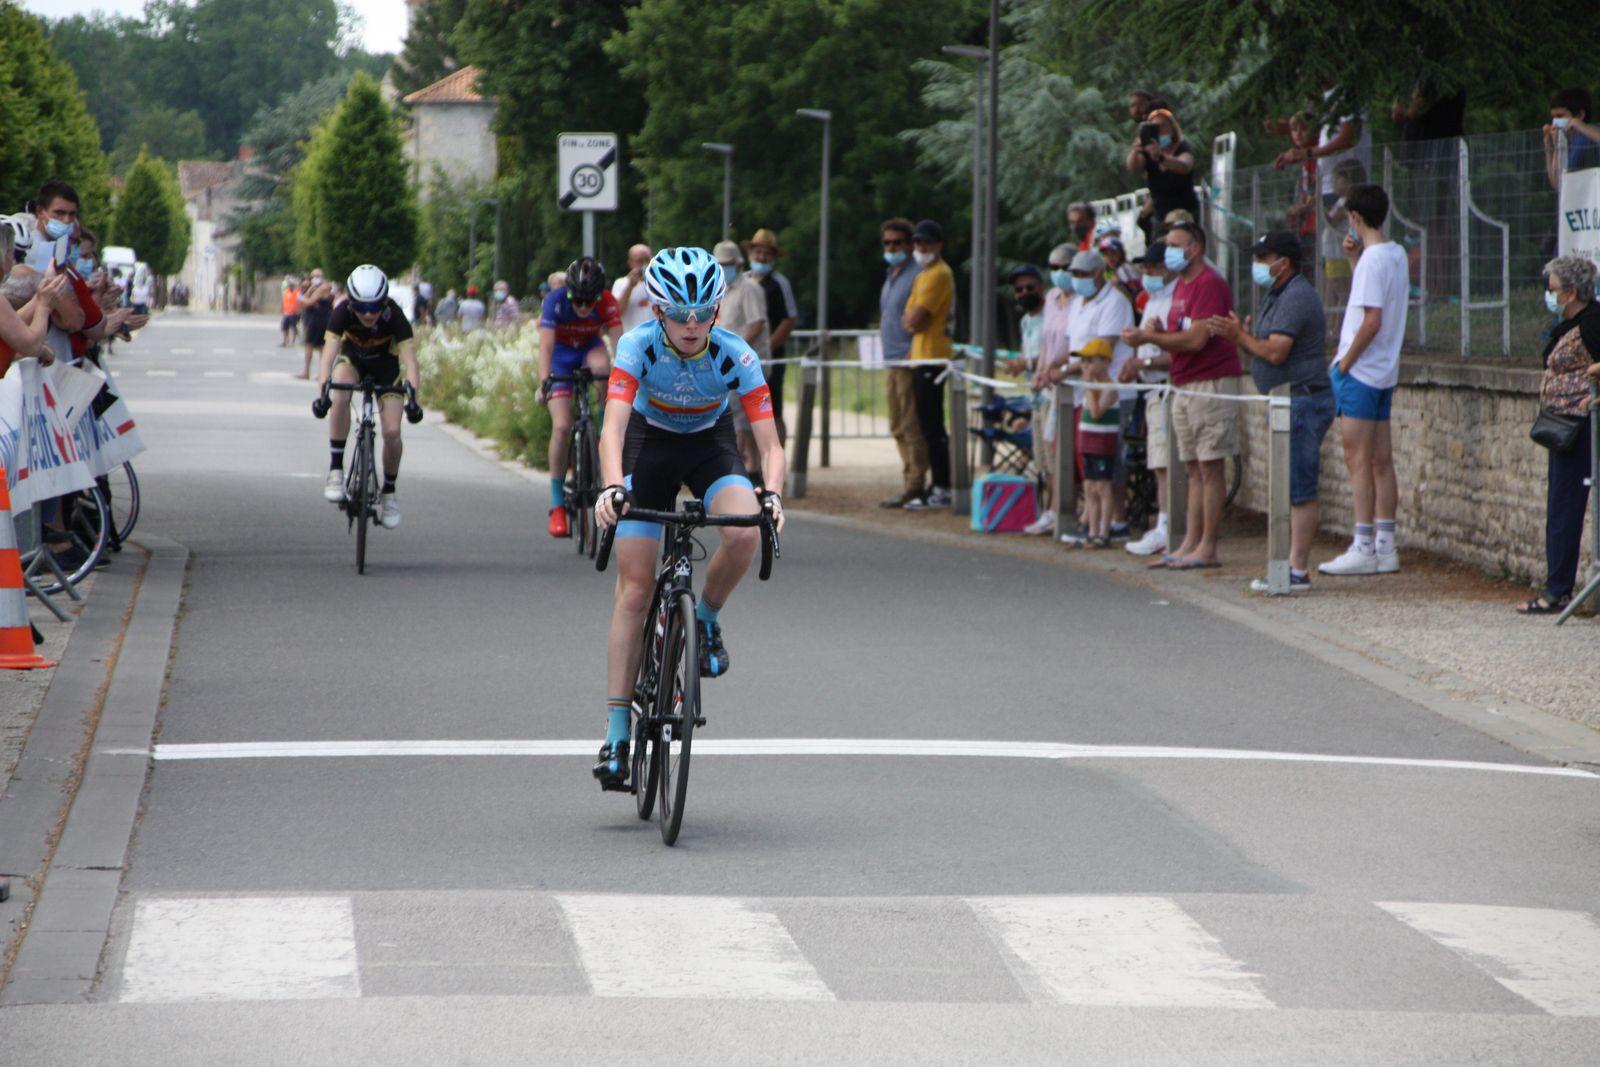 L'arrivée  et  la  victoire  pour  Louis  CONOR